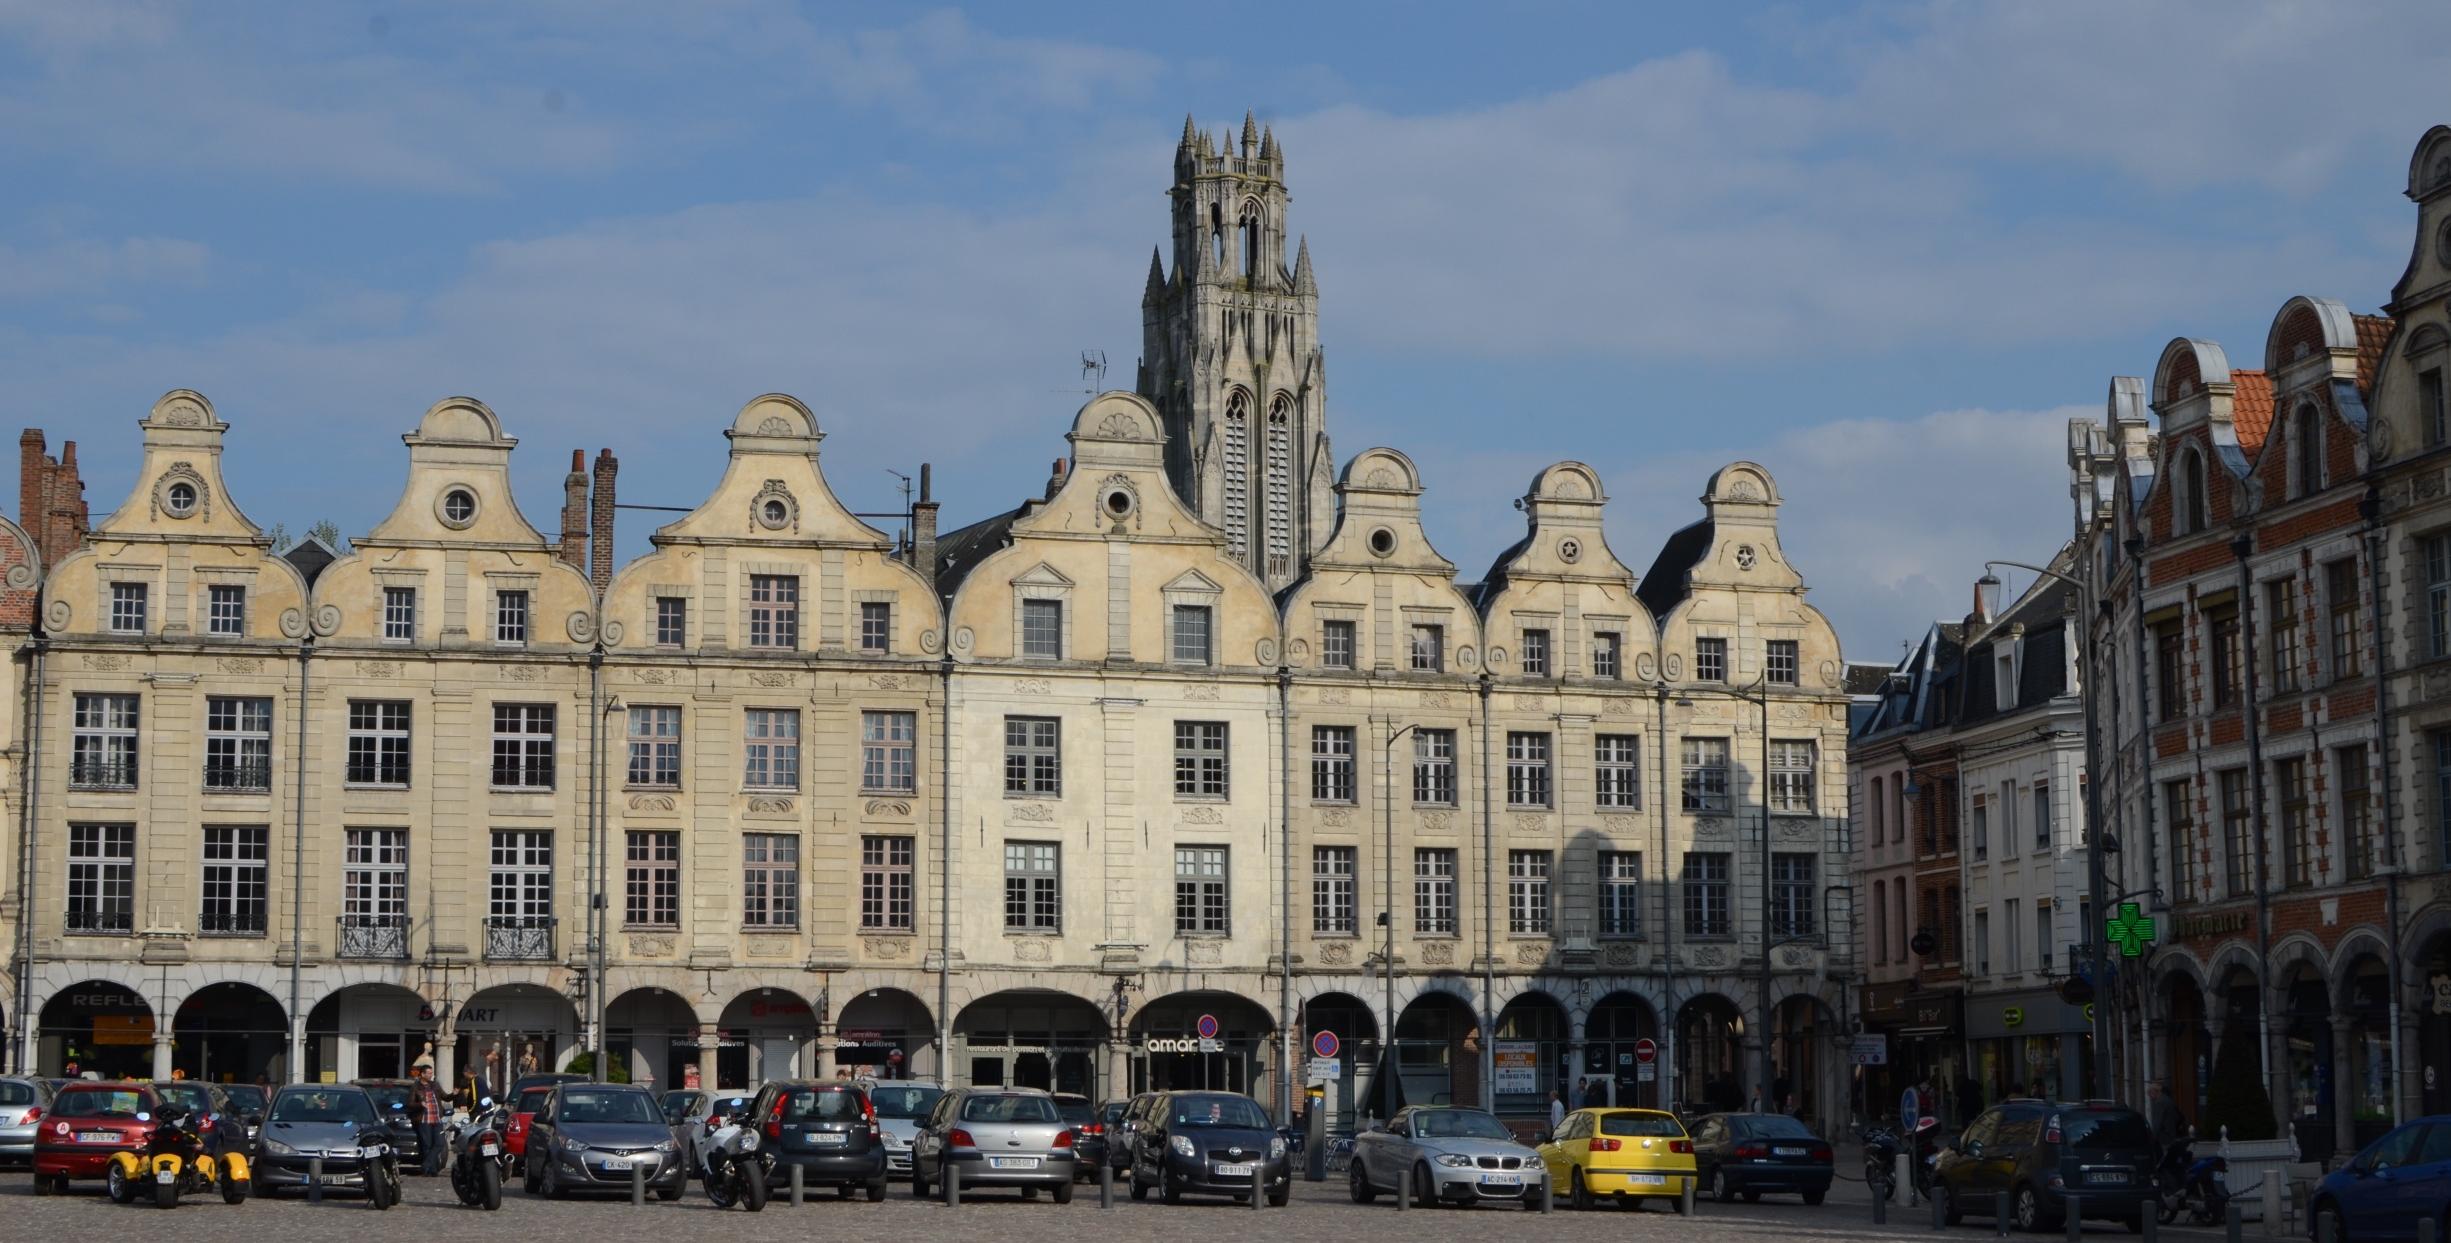 The main city square in Arras